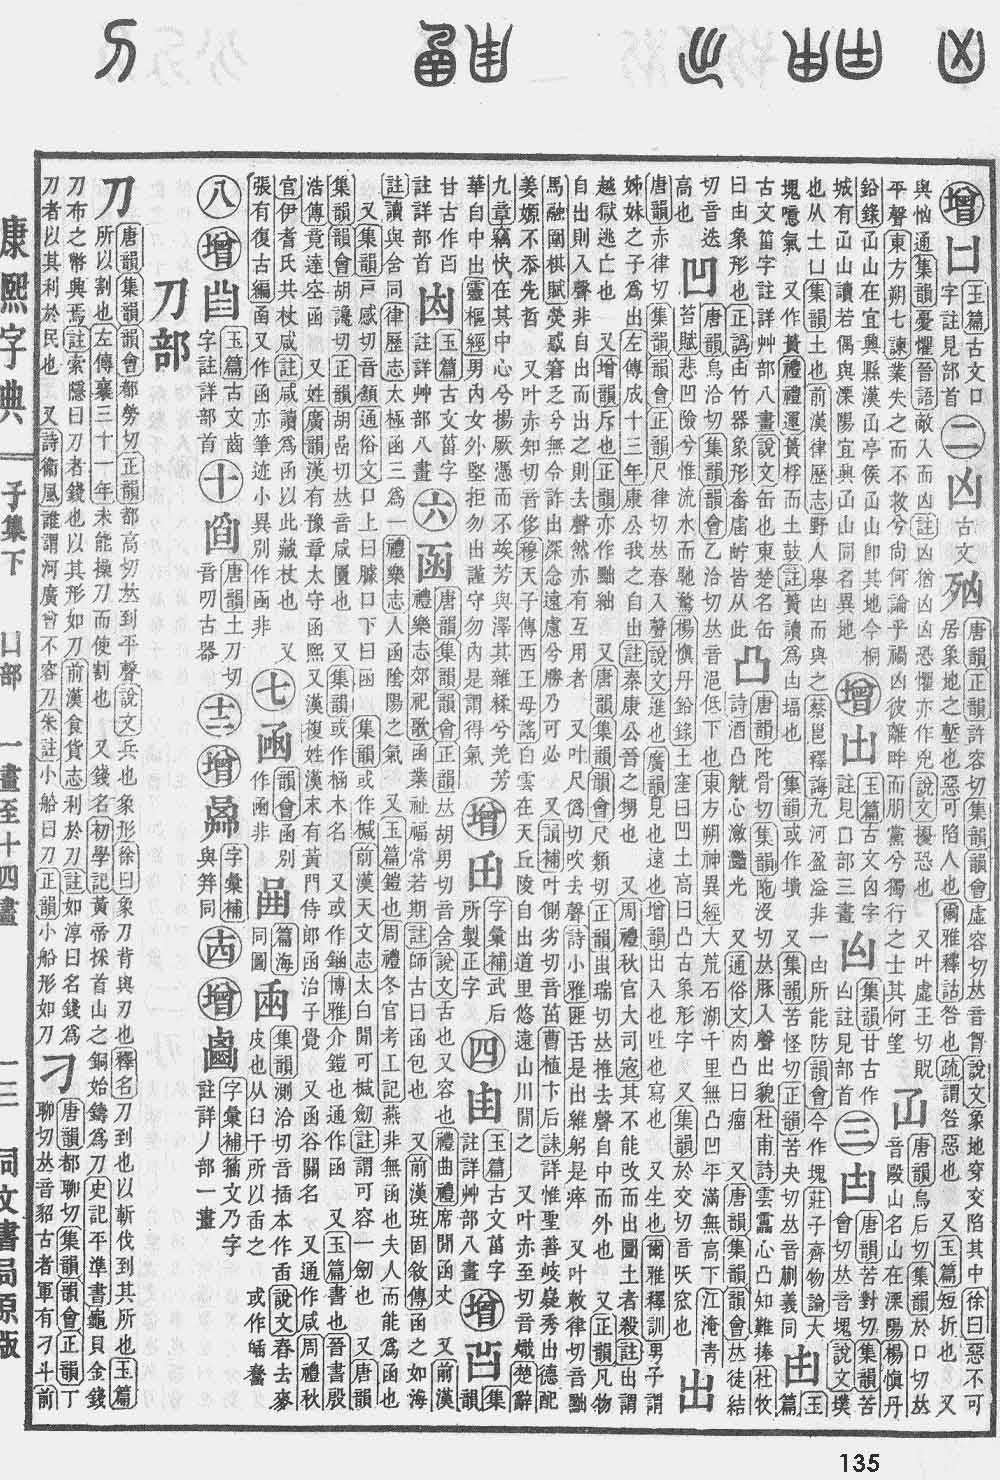 《康熙字典》第135页